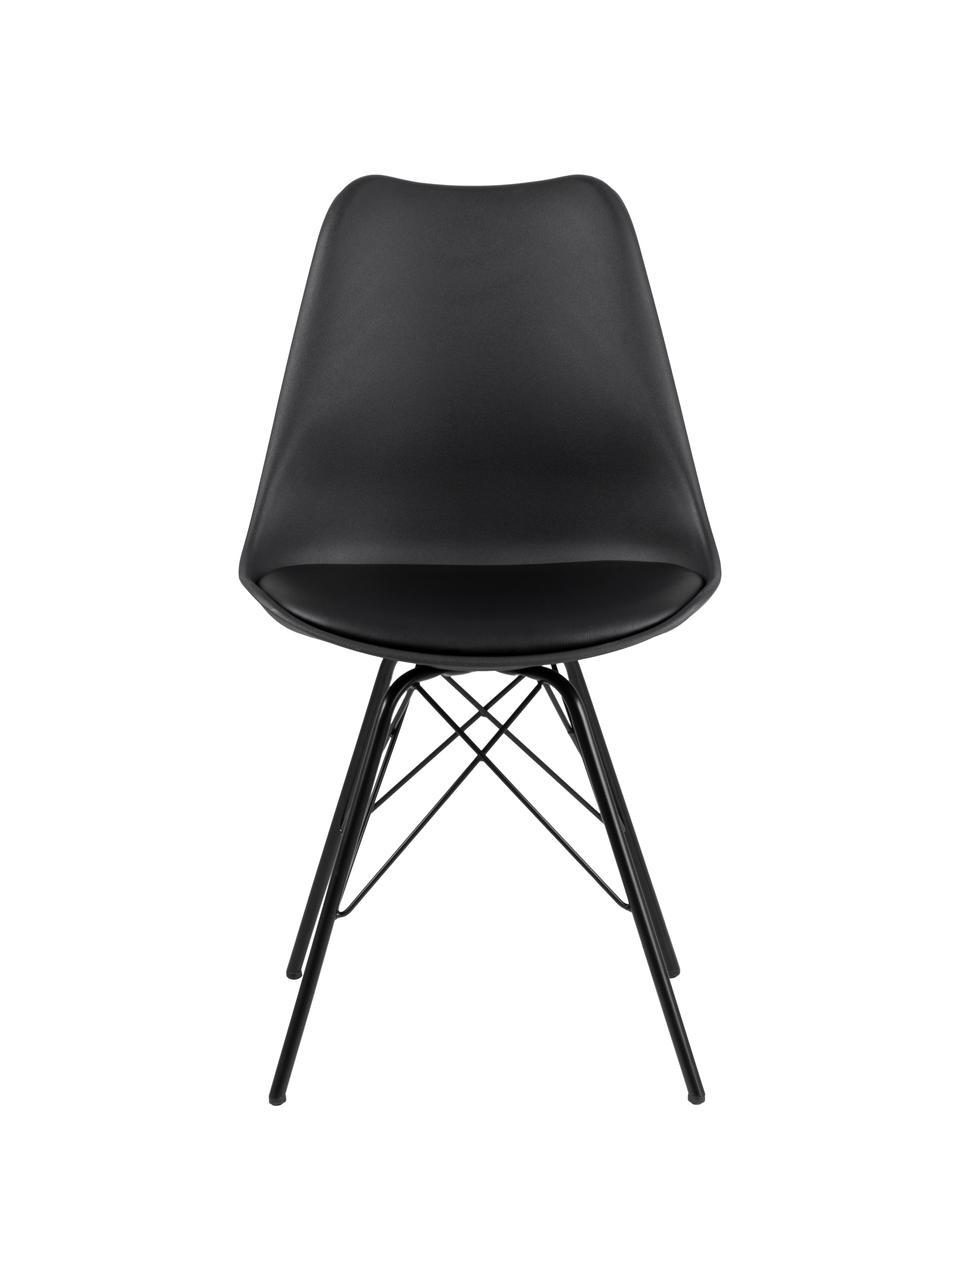 Kunststoff-Stühle Eris, 2 Stück, Sitzschale: Kunststoff, Beine: Metall, pulverbeschichtet, Kunststoff Schwarz, Schwarz, B 49 x T 54 cm